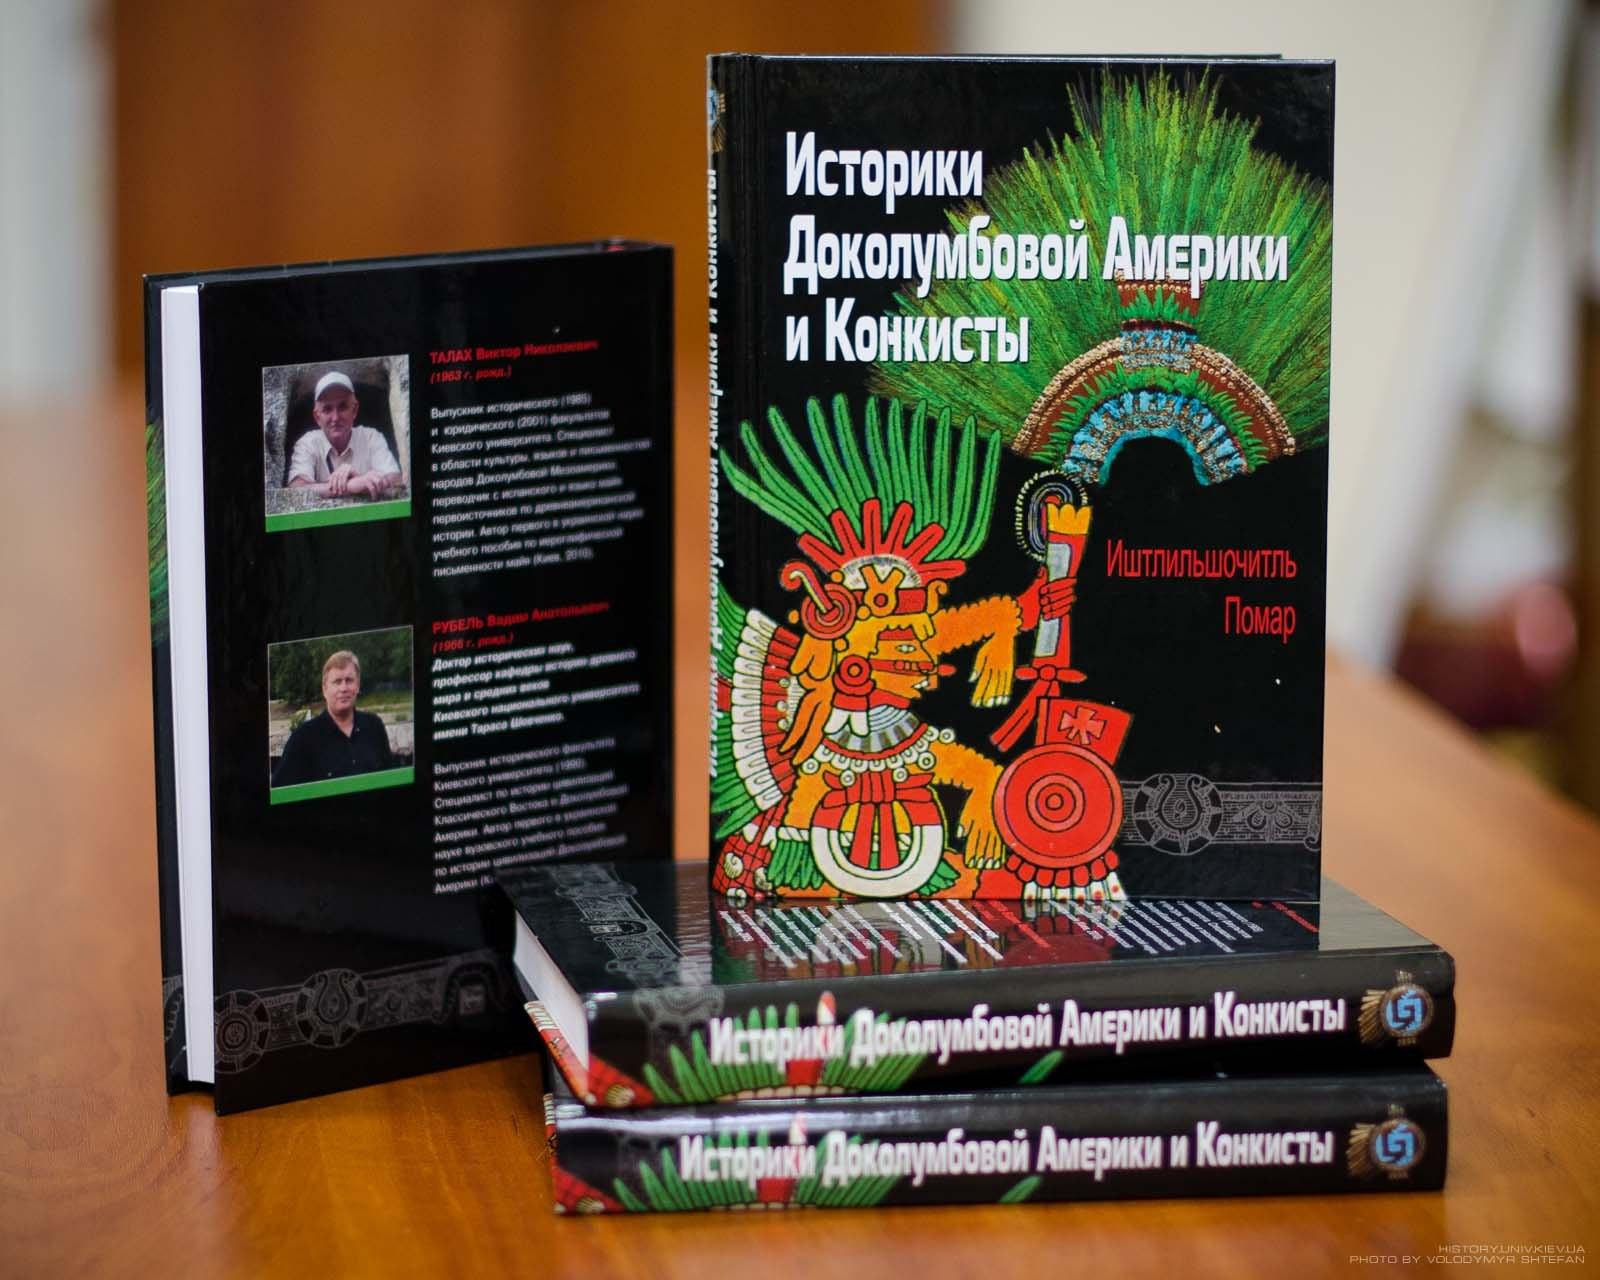 Презентація книги «Историки Конкисты и Доколумбовой Америки: Иштлильшочитль, Помар»